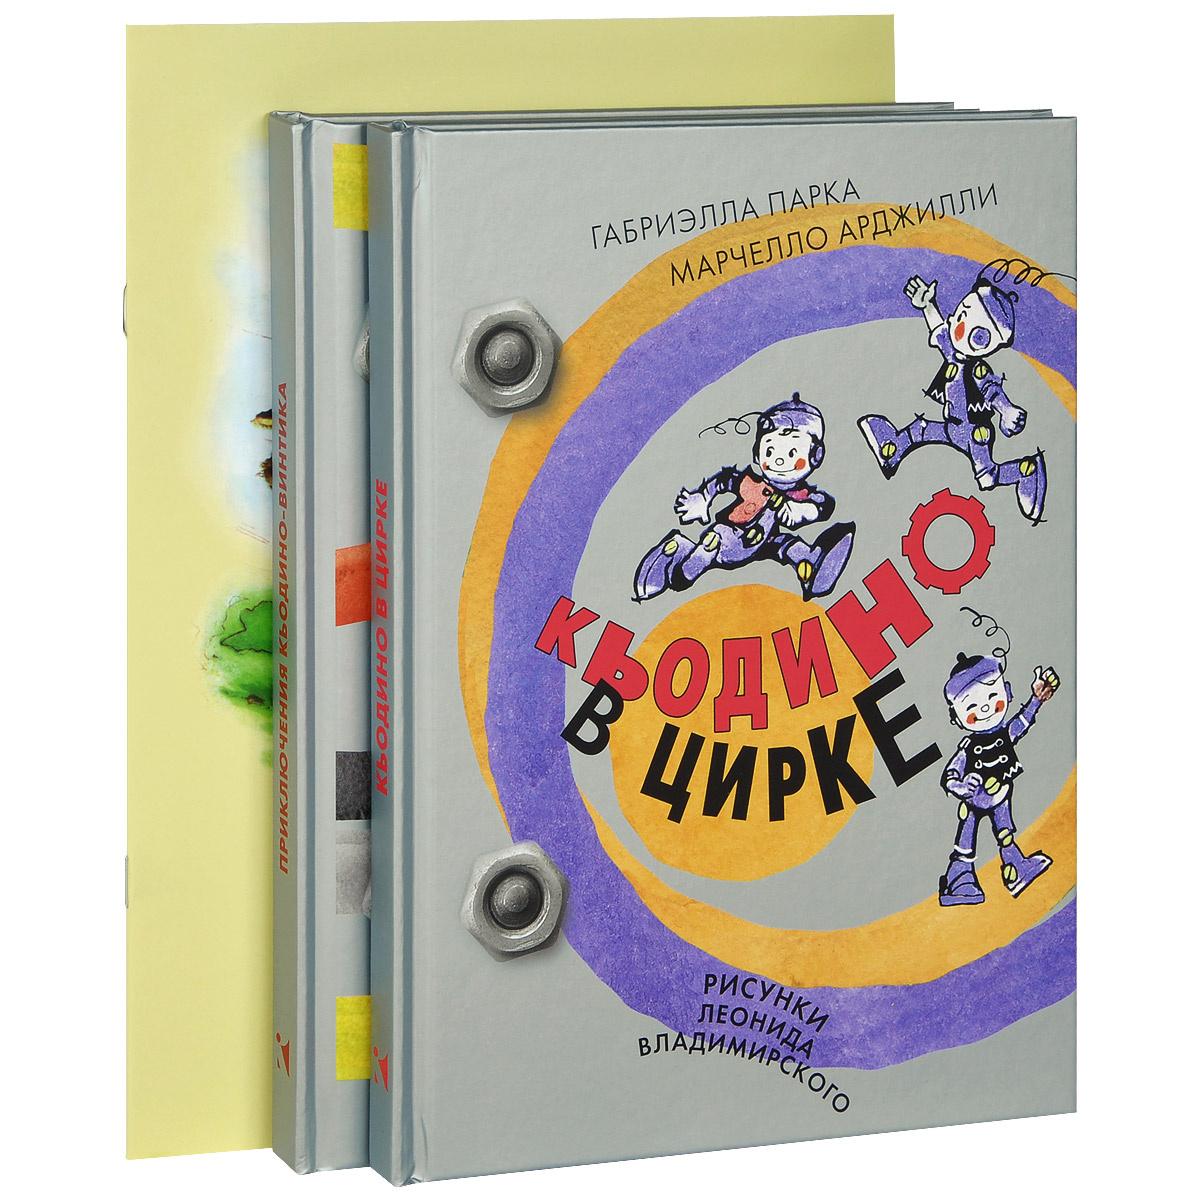 Кьодино в цирке. Приключения Кьодино-винтика. Два: Один (комплект из 3 книг) | Мамлин Геннадий Семенович, #1